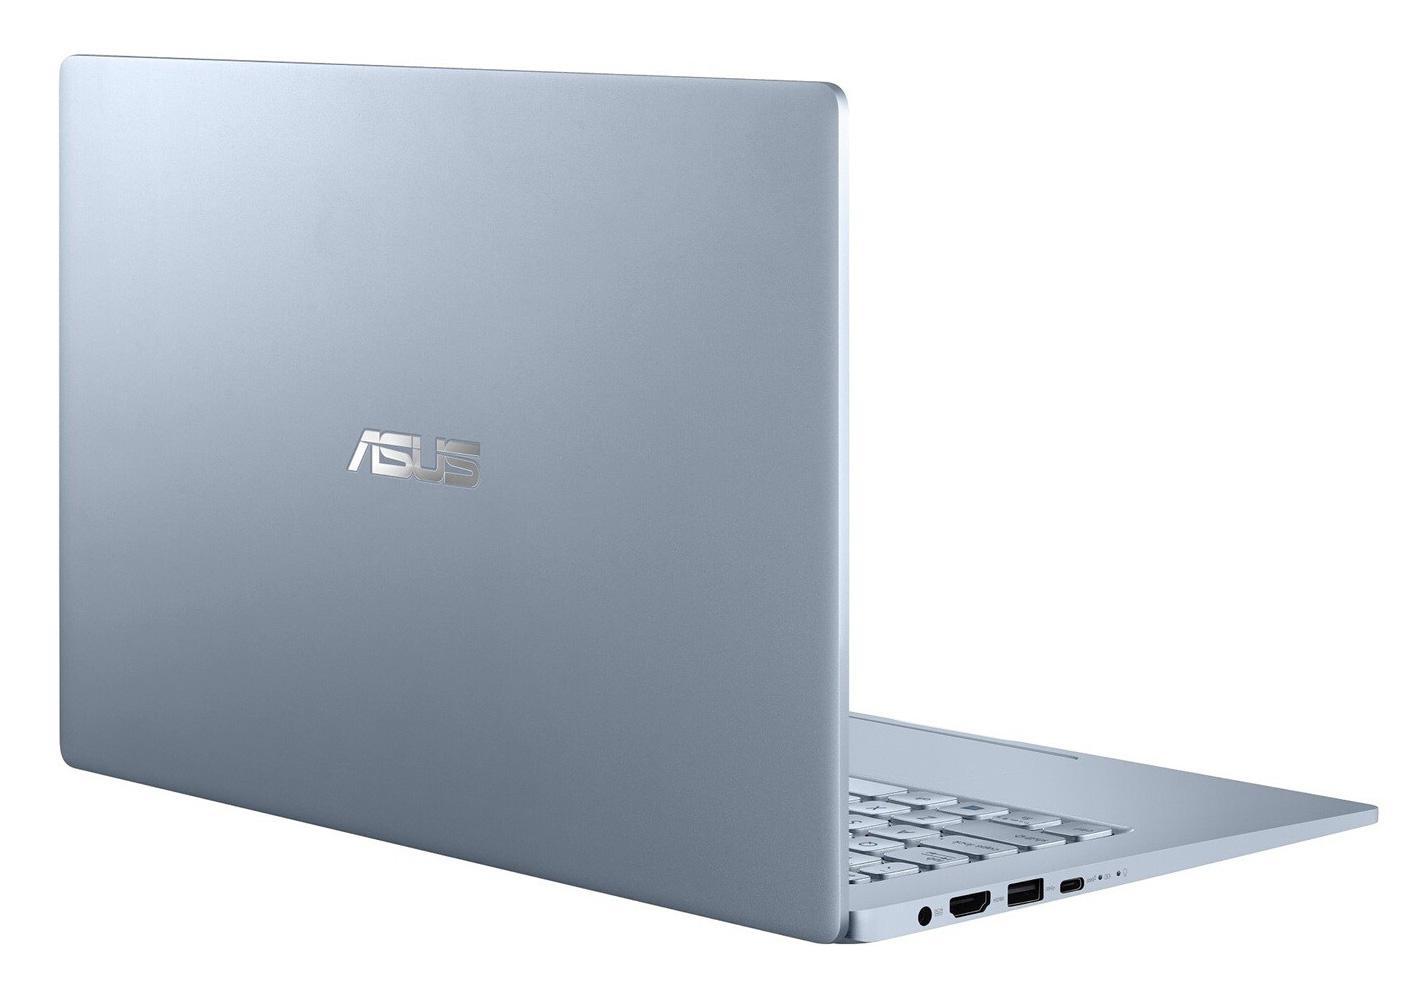 Ordinateur portable Asus VivoBook S403FA-EB250T Bleu Gris - photo 7